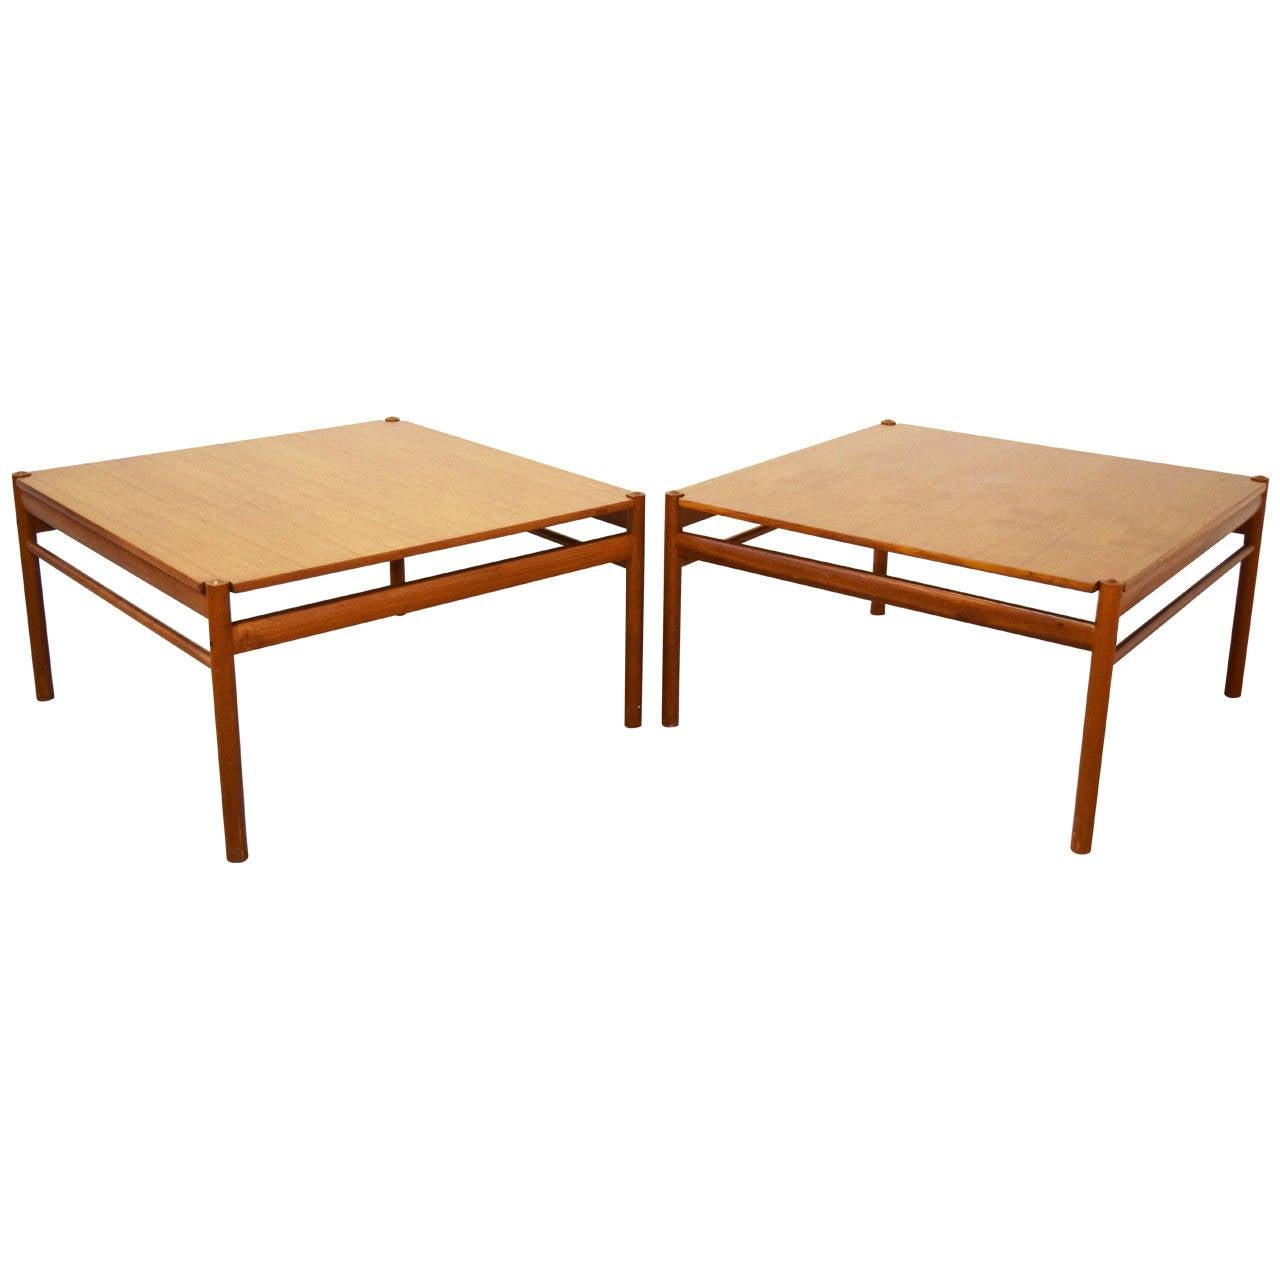 Pair of teak ole wanscher for p jeppesen side tables at for P jeppesen furniture